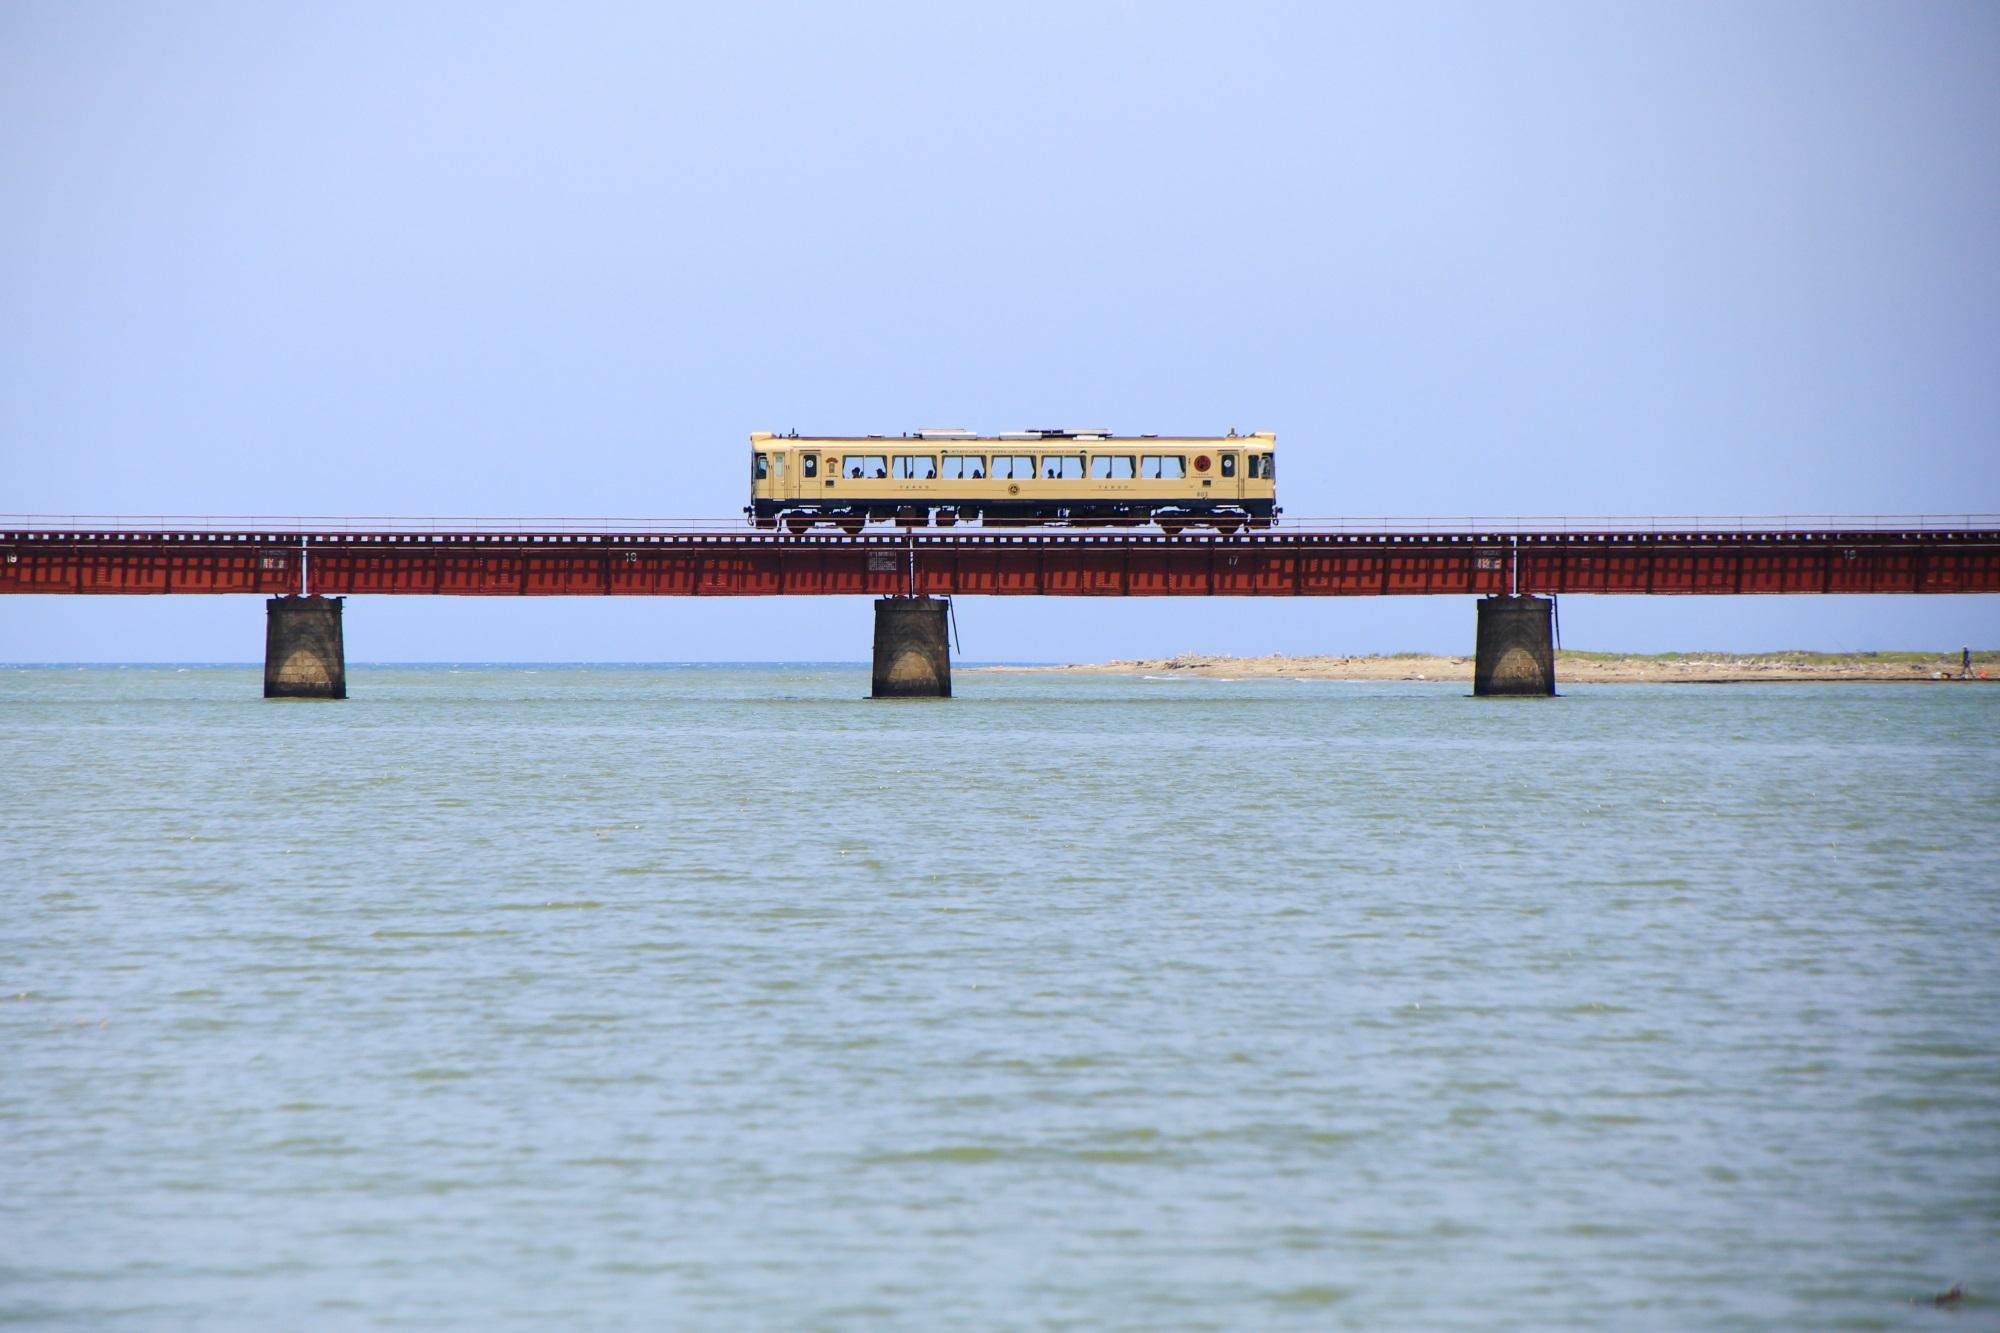 高画質 由良川橋梁 写真 丹後鉄道